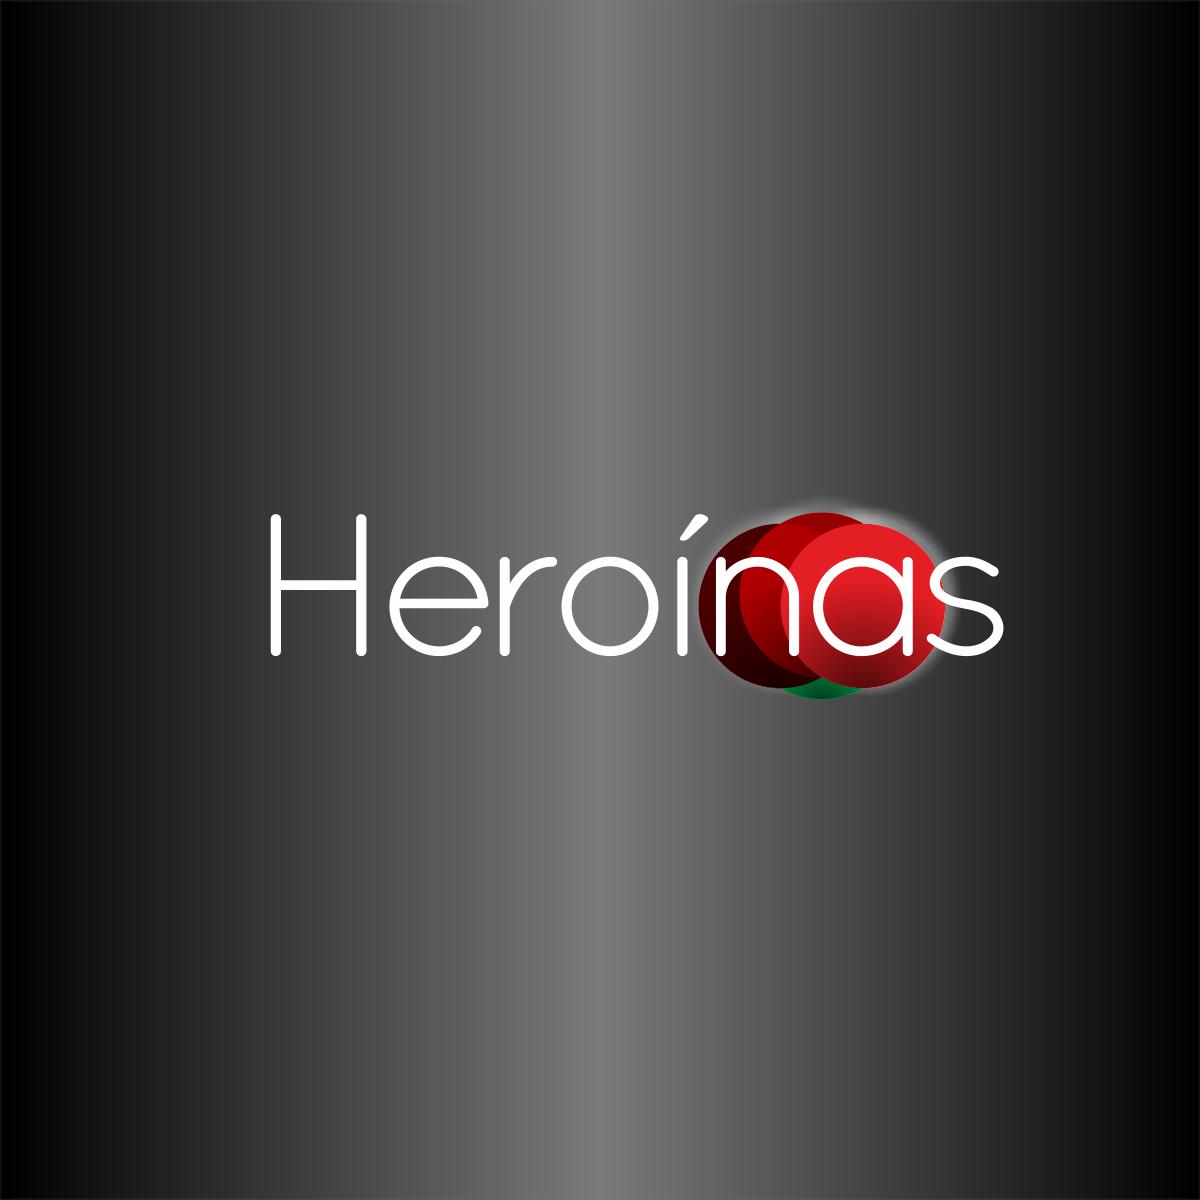 diseño gráfico genero igualdad logotipo